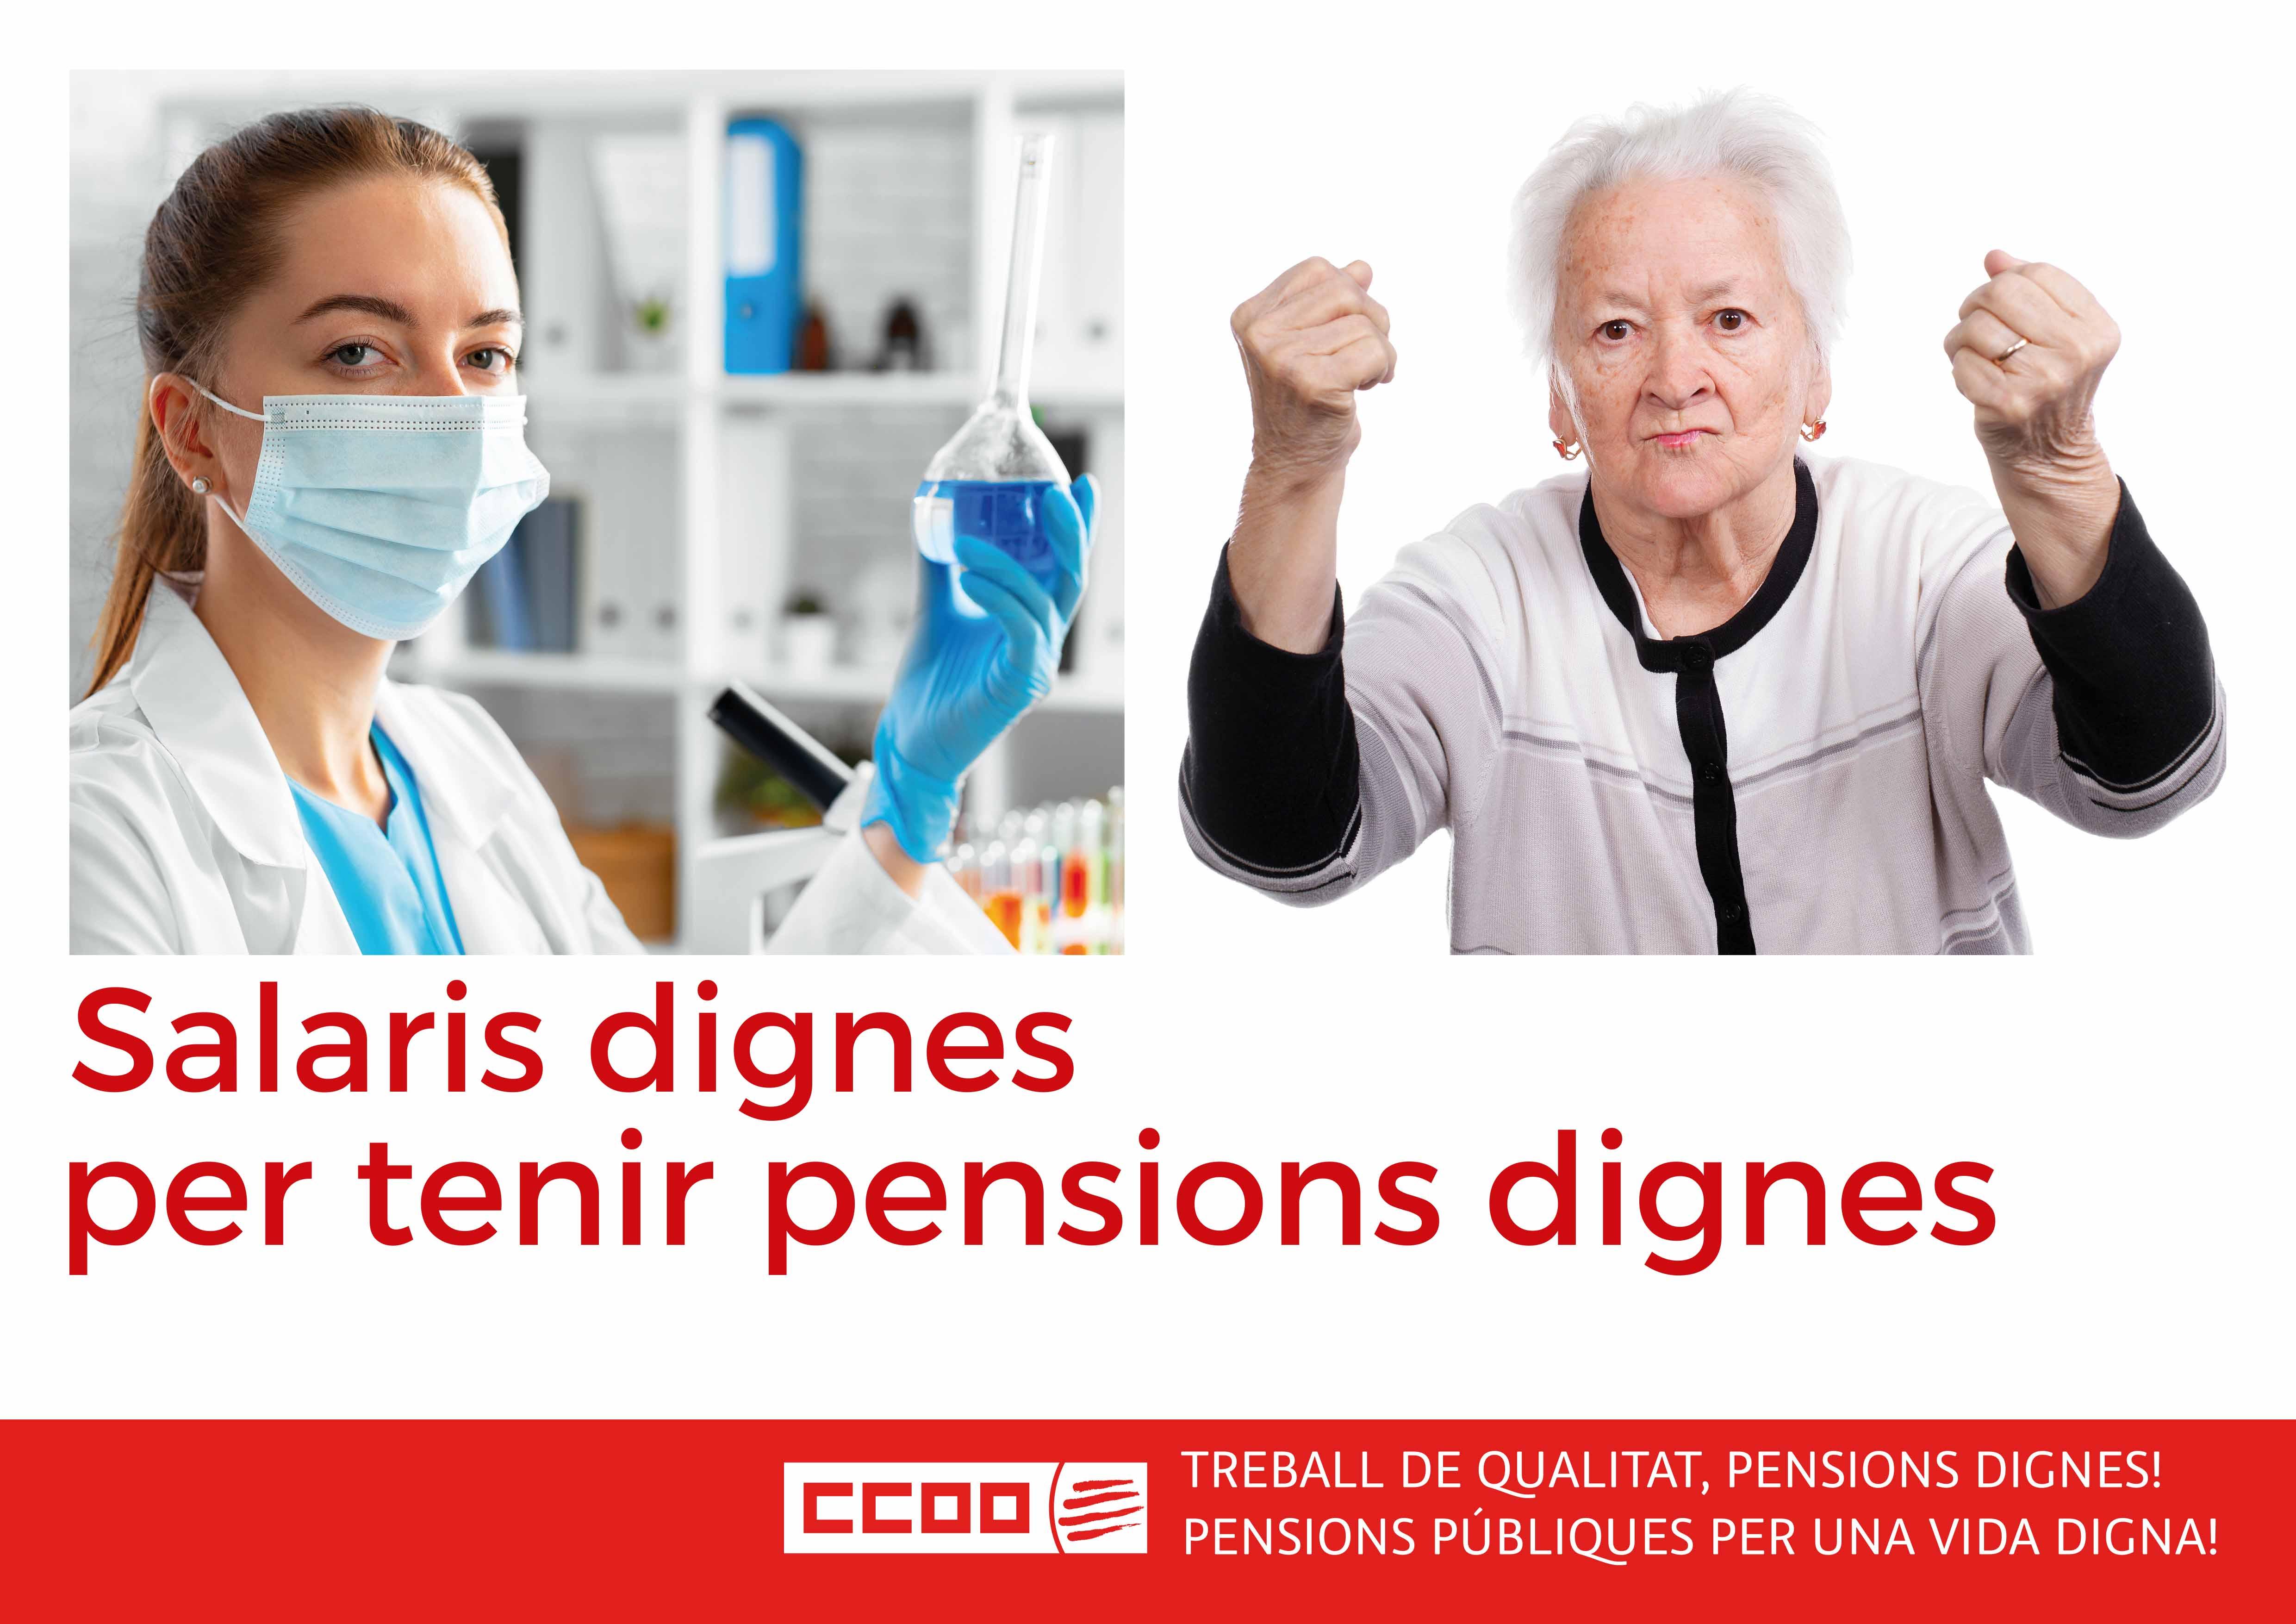 Salaris dignes per tenir pensions dignes